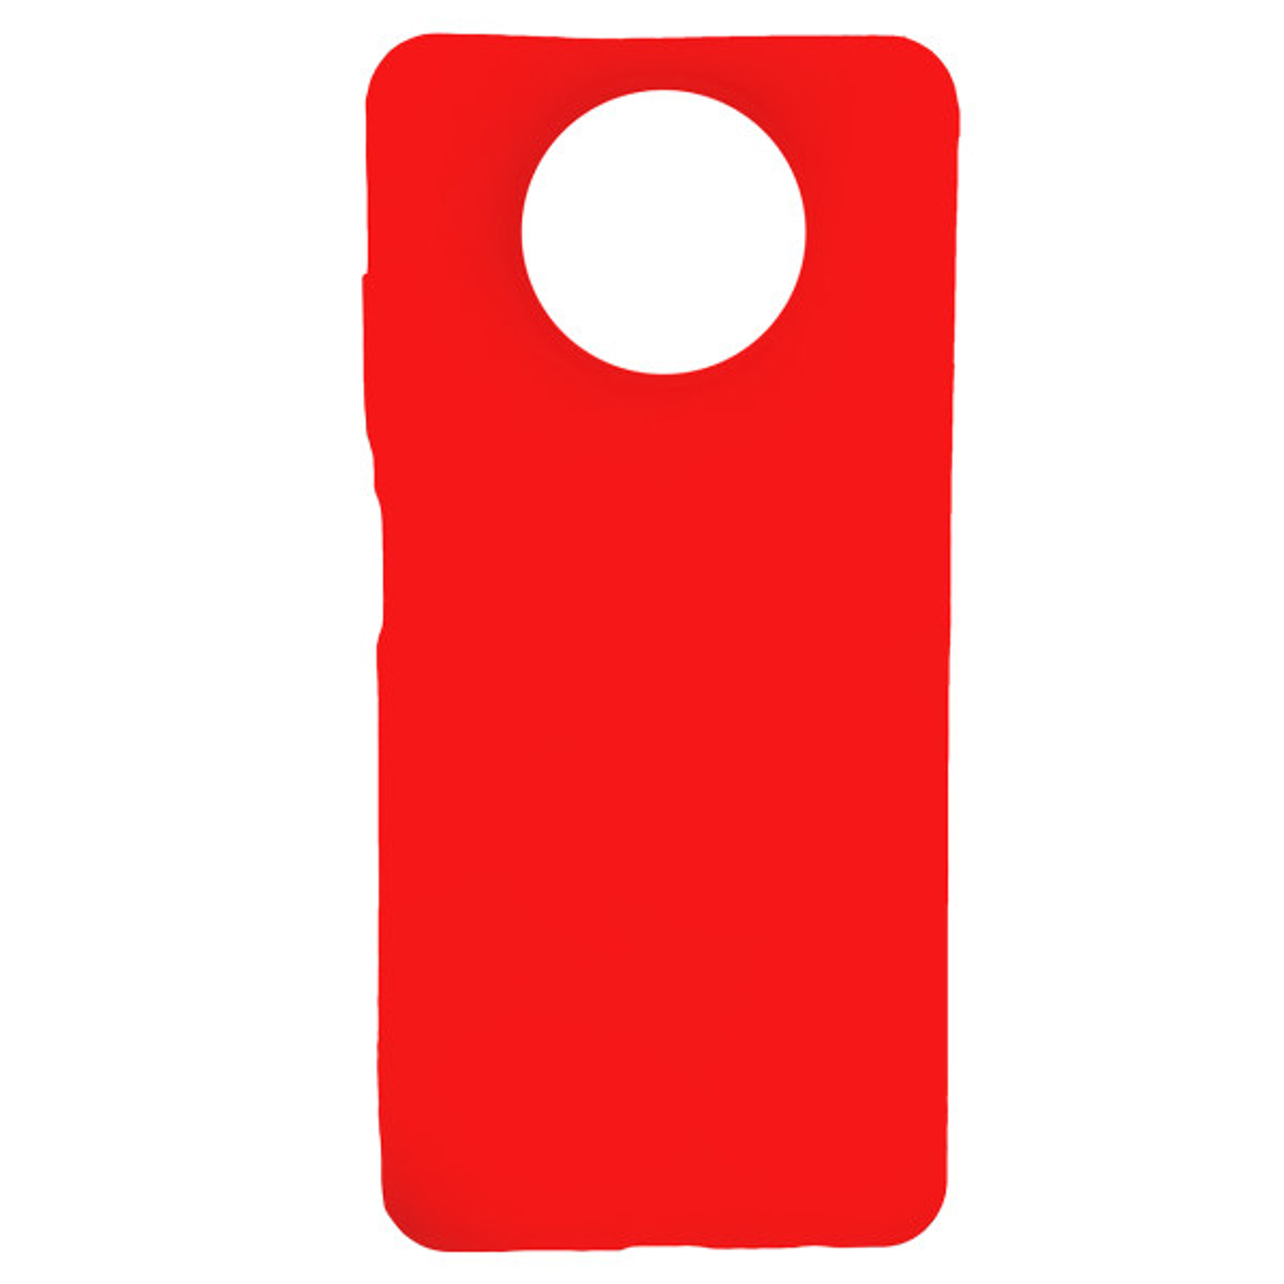 کاور مدل IRPocox3 مناسب برای گوشی موبایل شیائومی Poco X3 / Poco X3 NFC